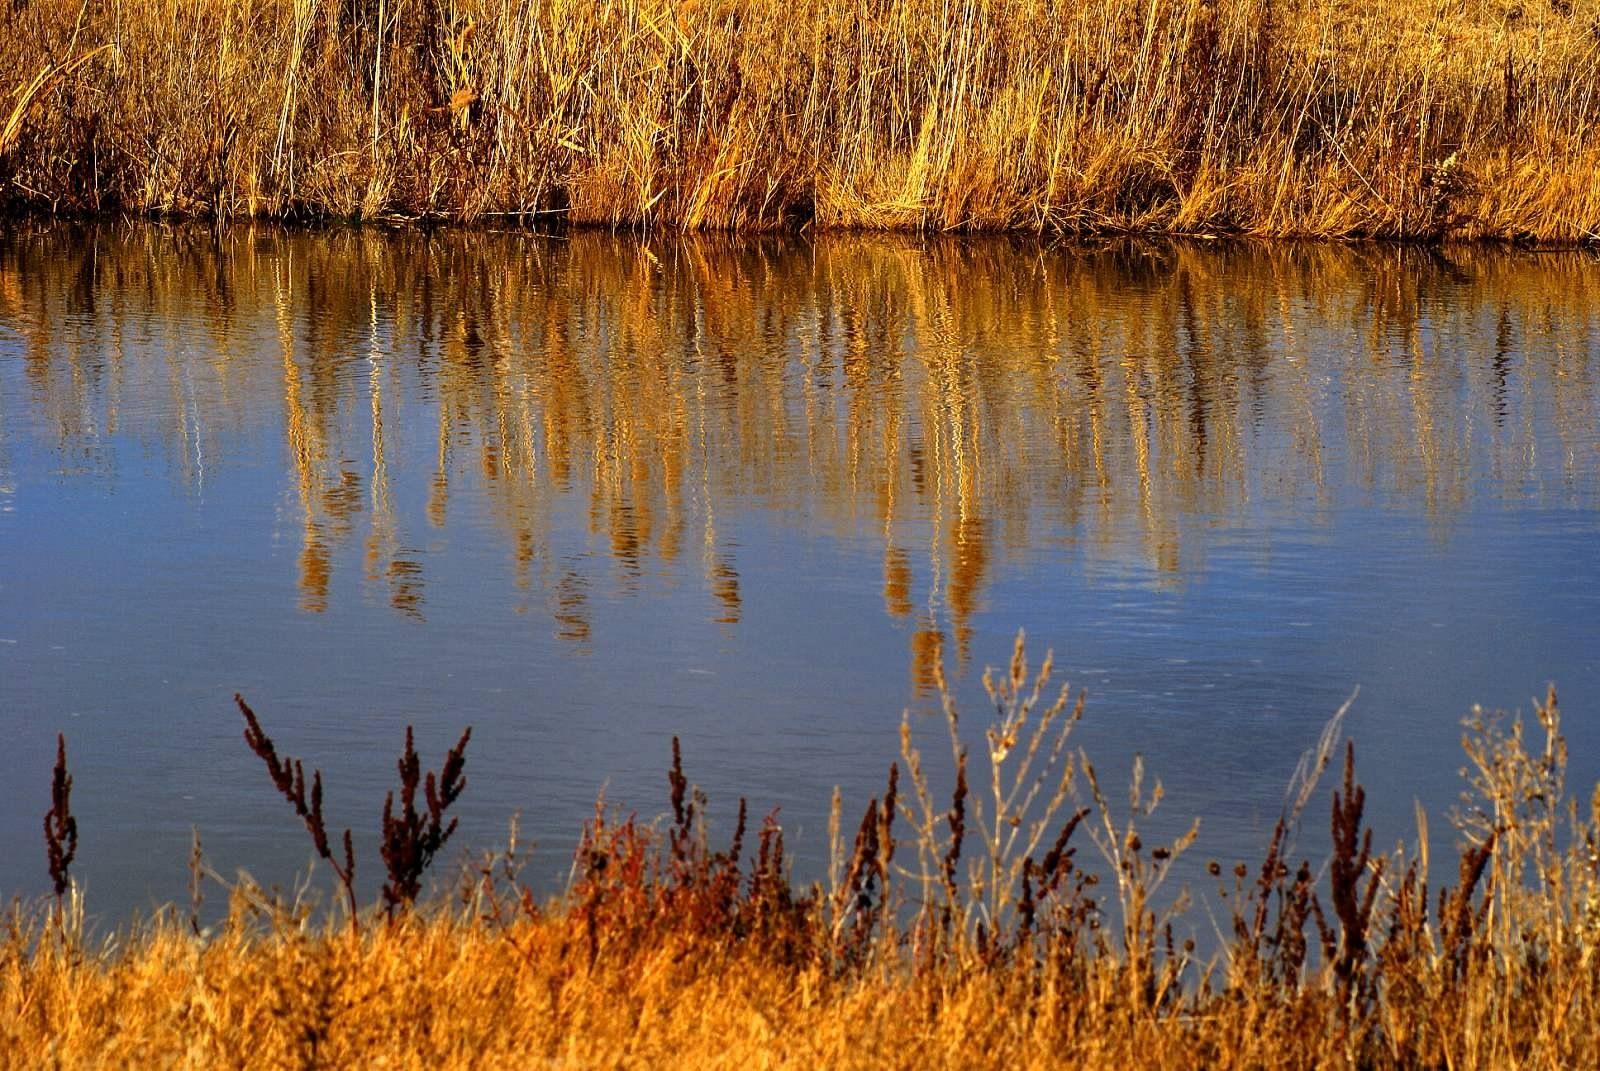 Autumn grass reflected